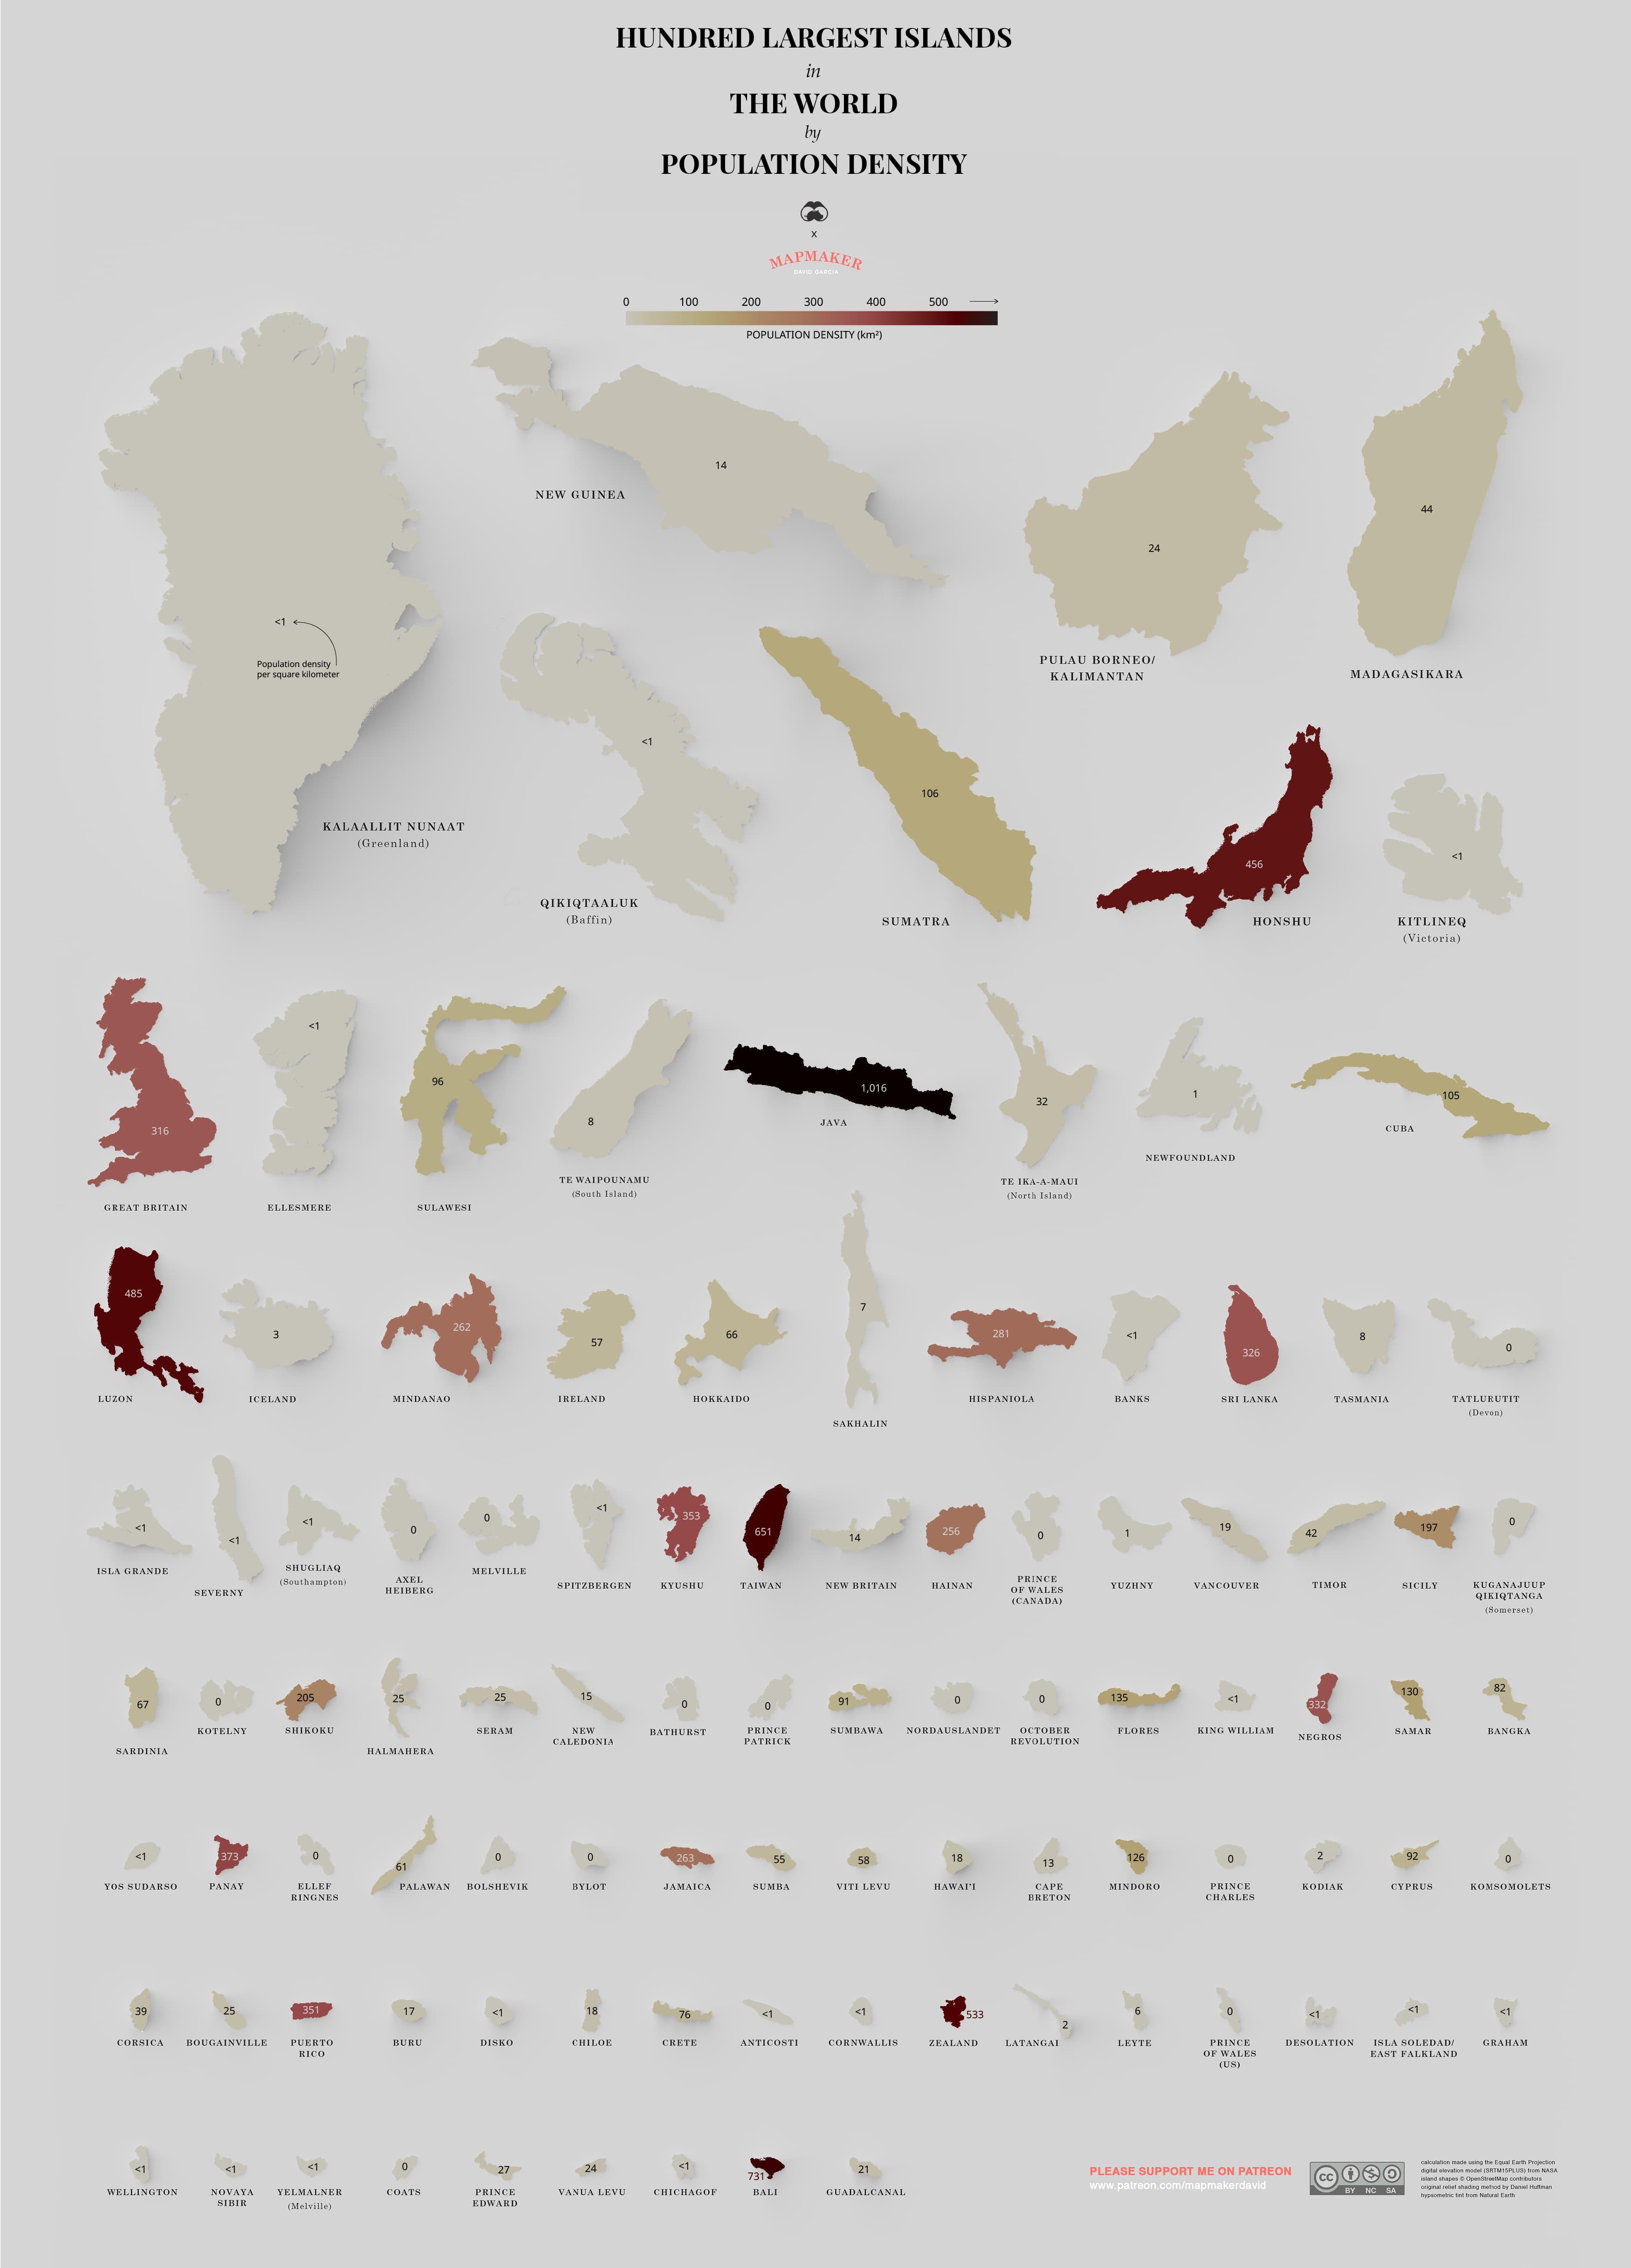 Плотность населения крупнейших островов мира